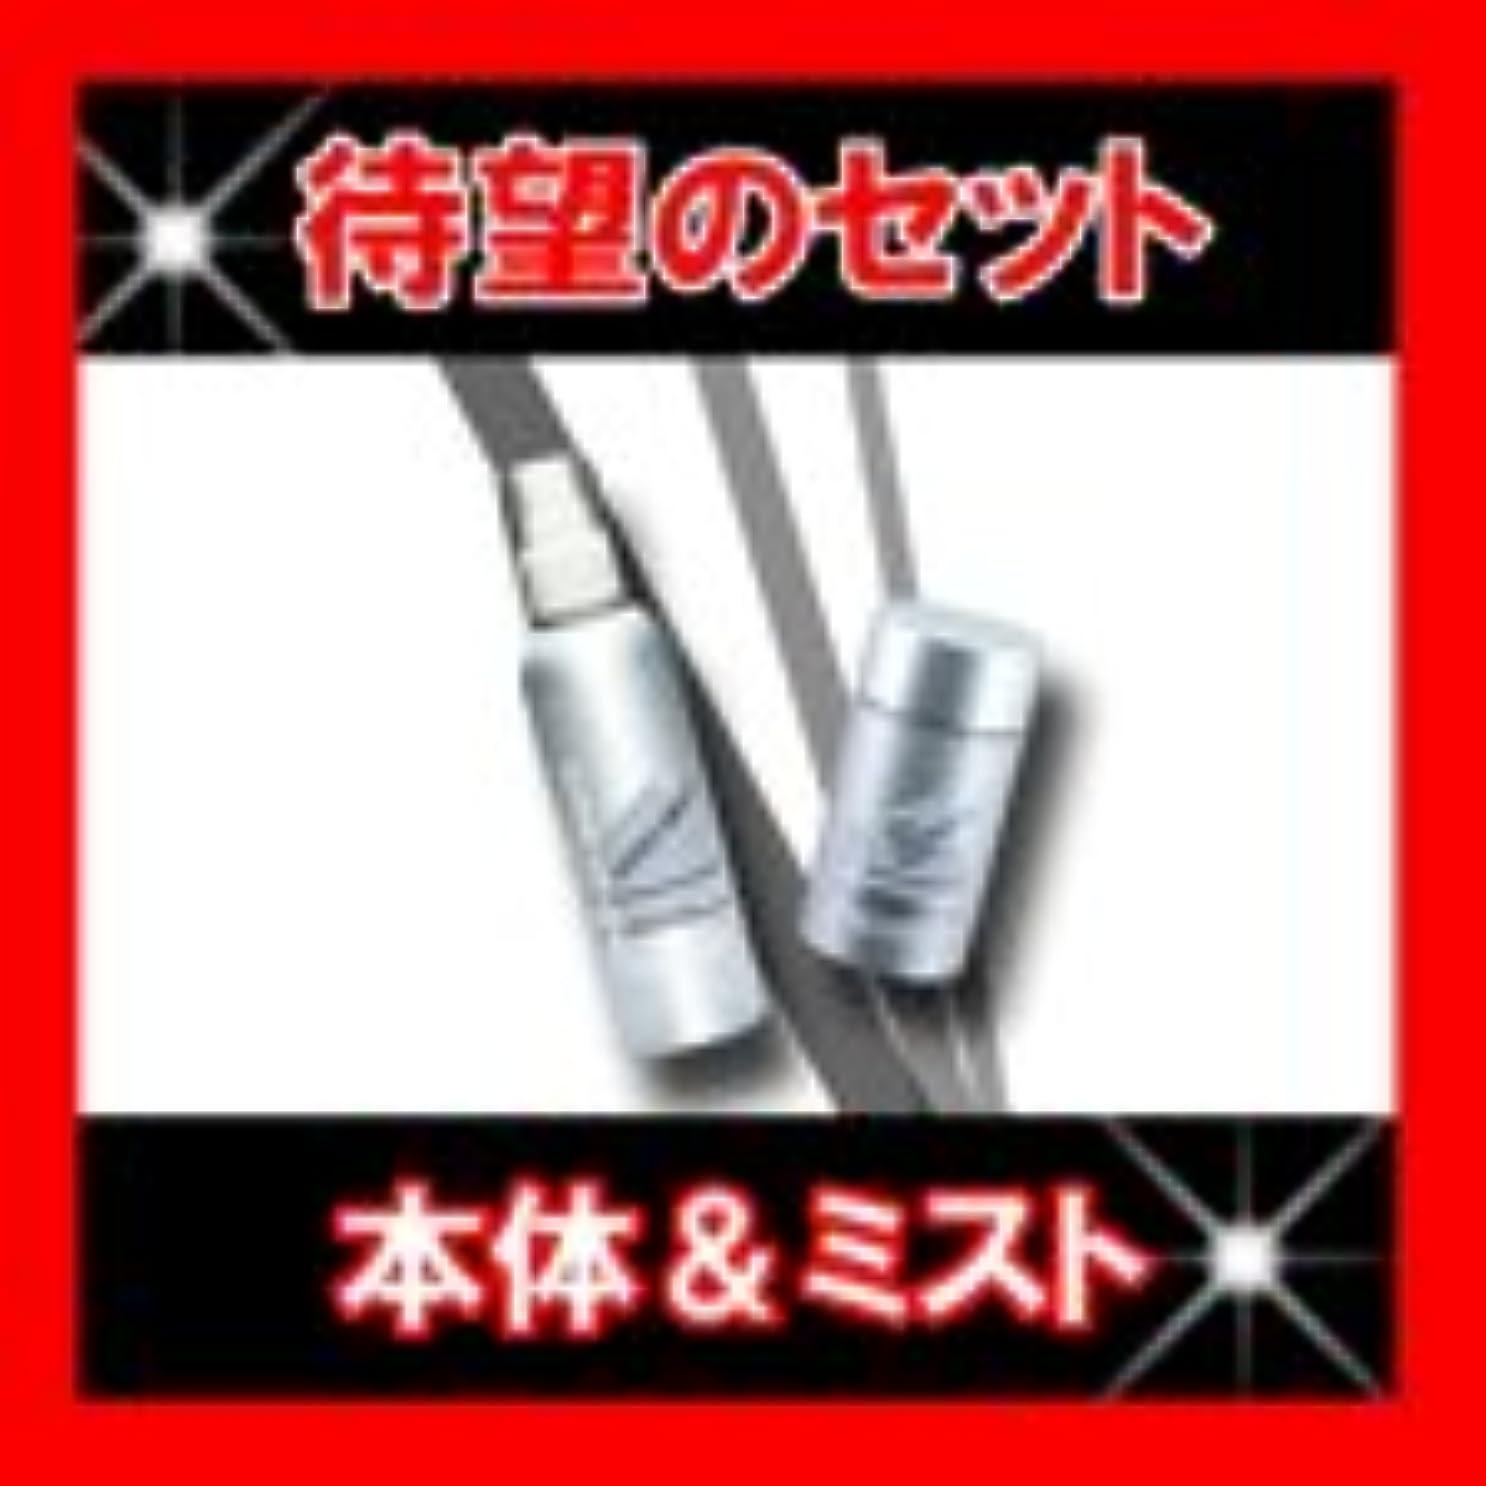 爆発する叱るタッチルアン スーパーミリオンヘアー 30g No.1 【ブラック】+スーパーミリオン ミスト 165mlセット